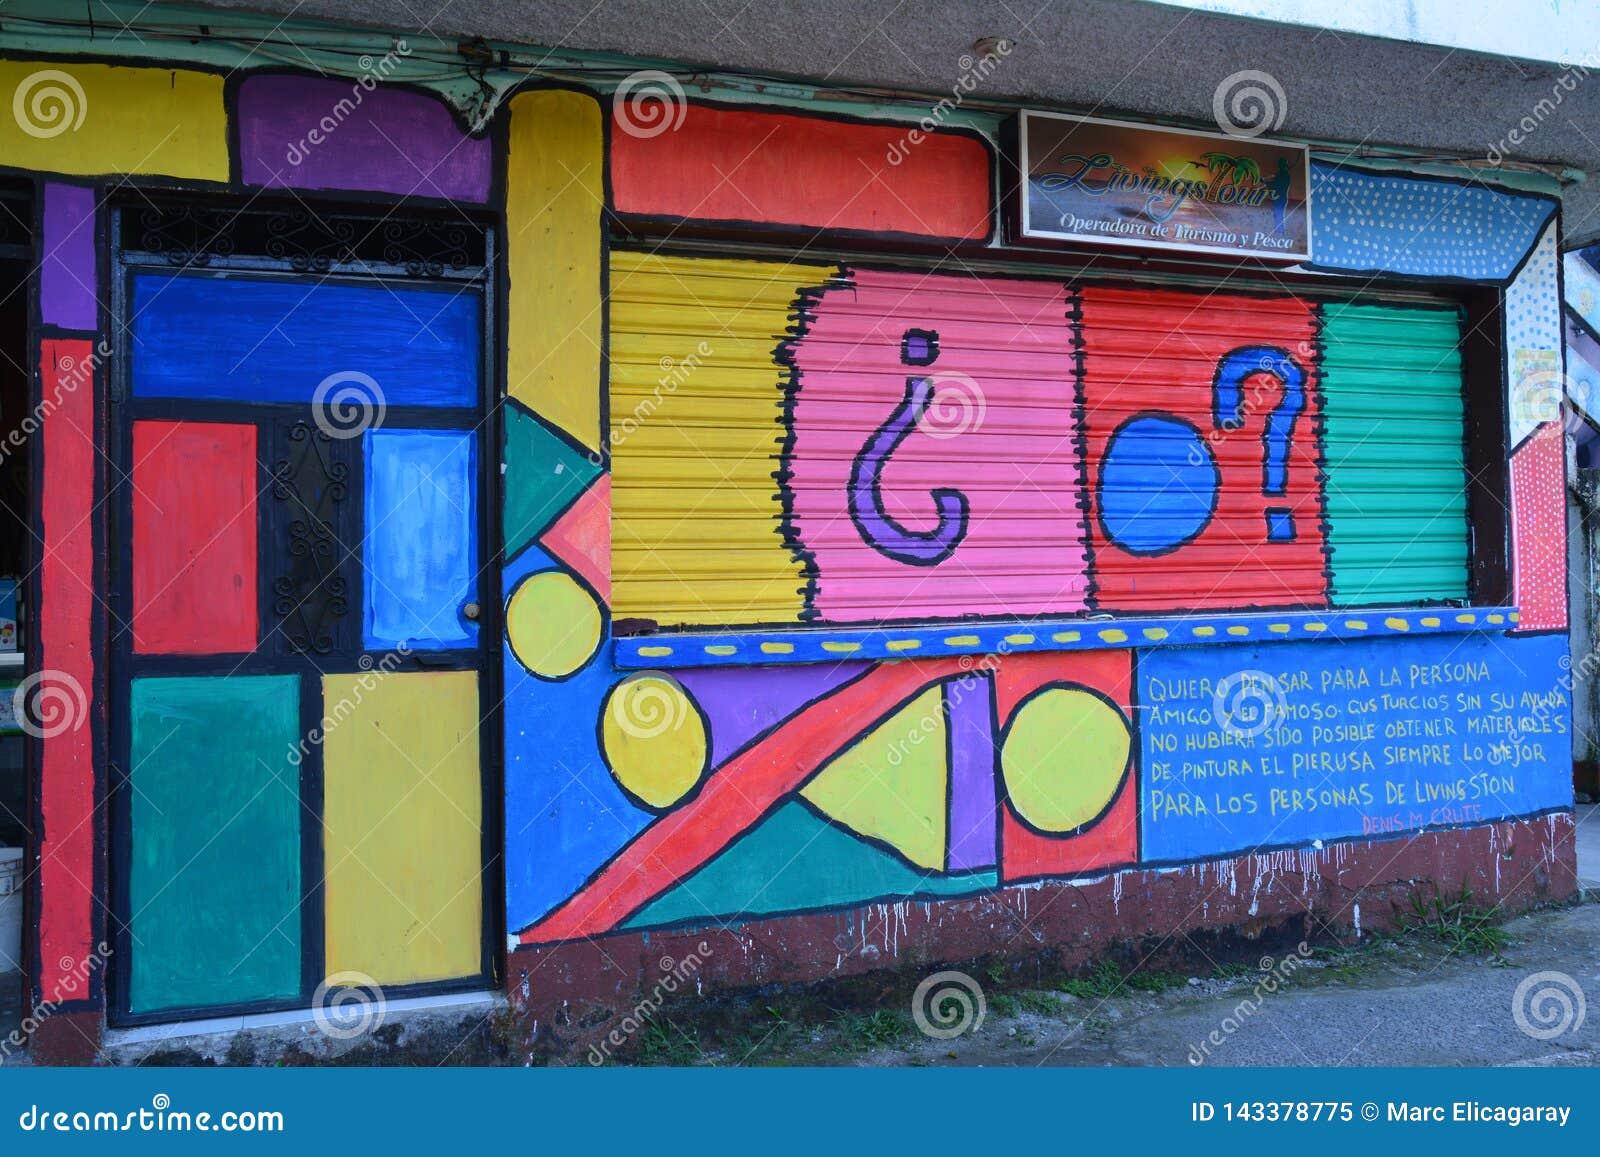 Street Art in Livingston Izabal Guatemala